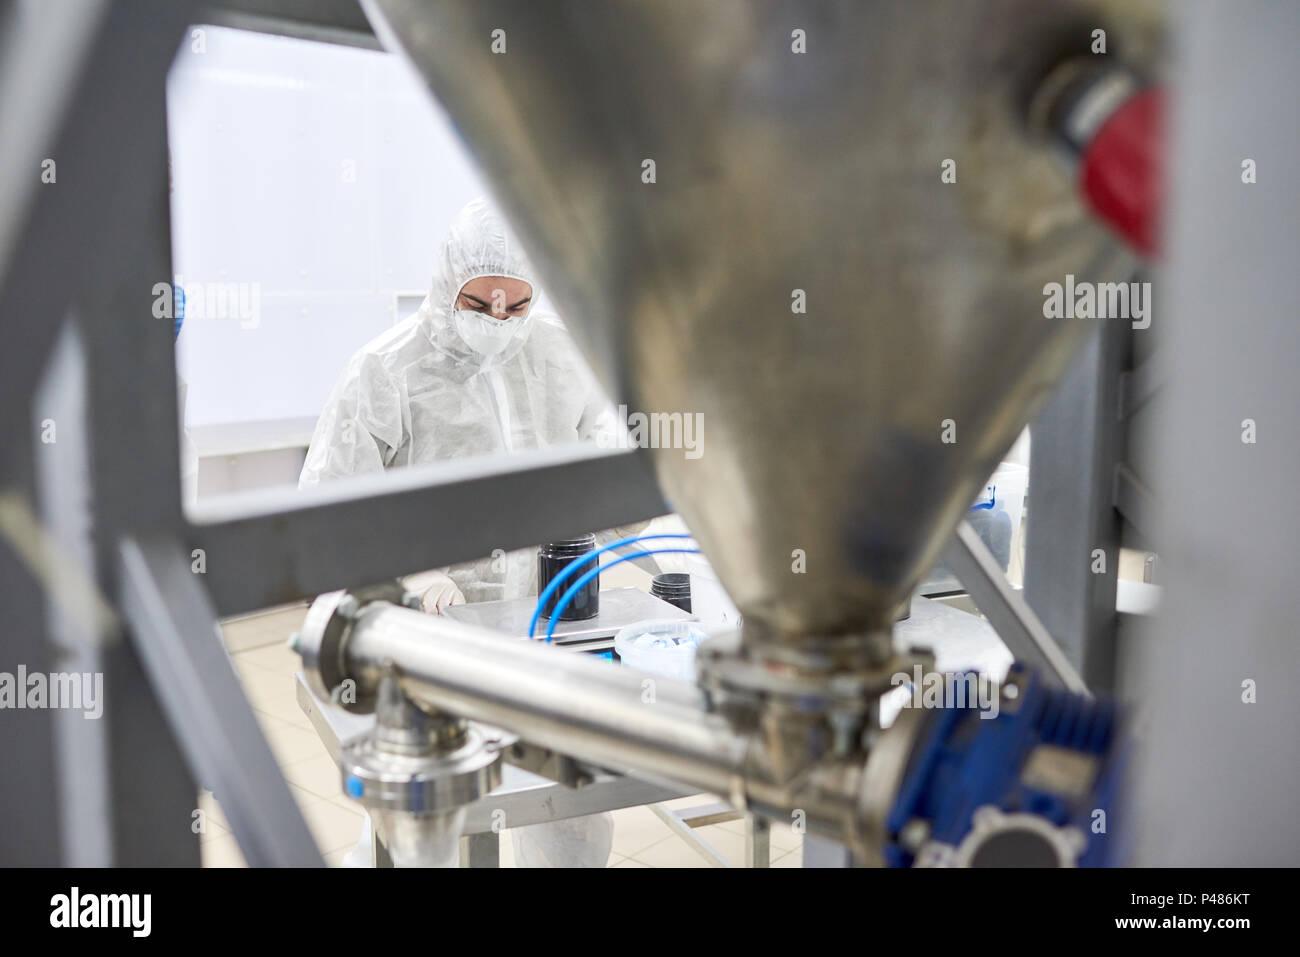 Operaio di fabbrica in piedi dietro le apparecchiature Immagini Stock